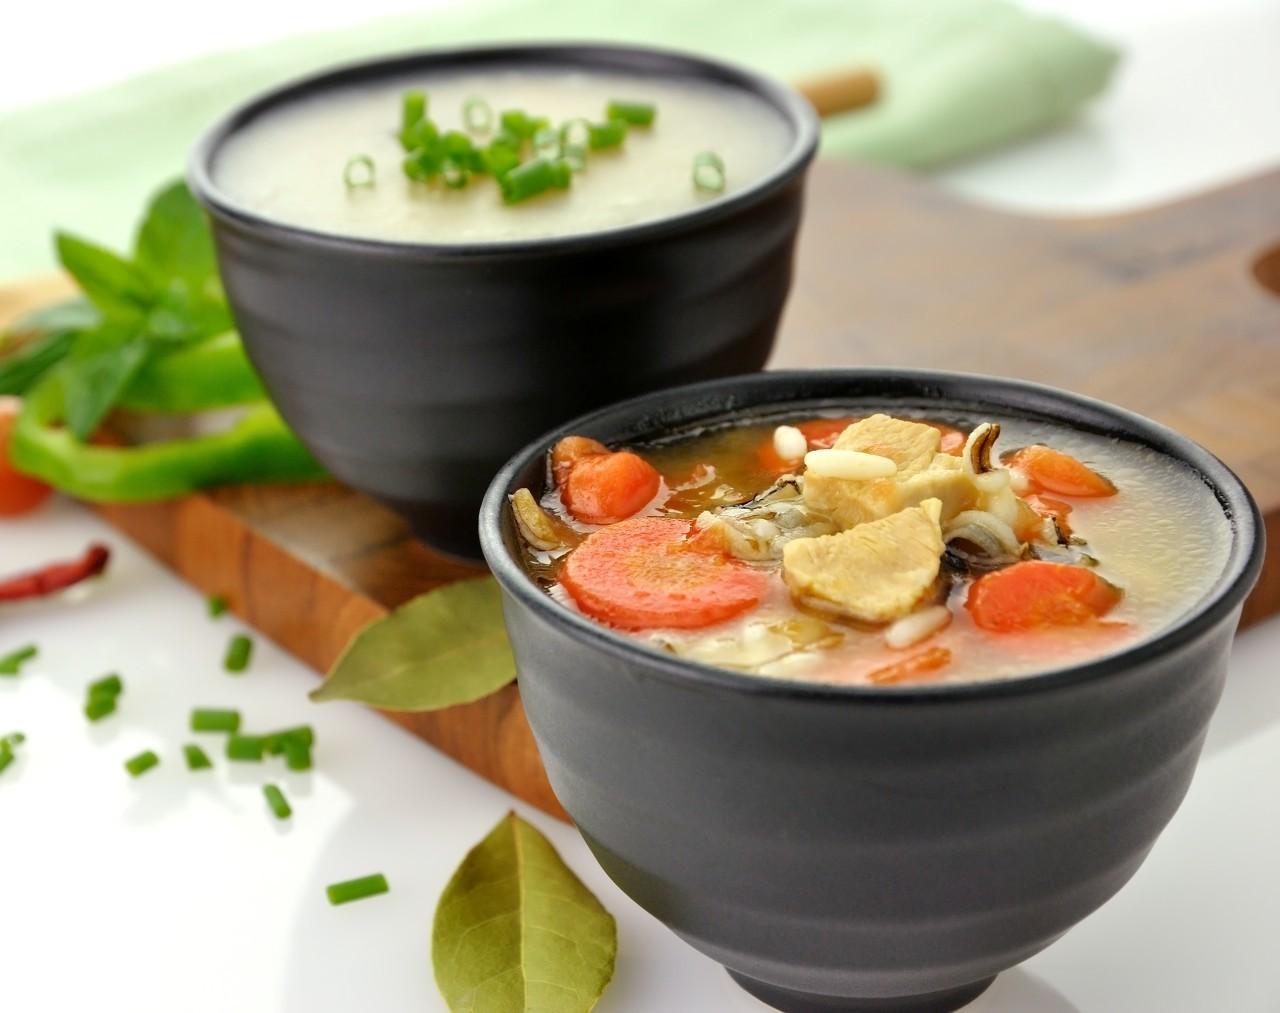 冬天吃坏肚子怎么办?冬季腹泻后吃什么好?